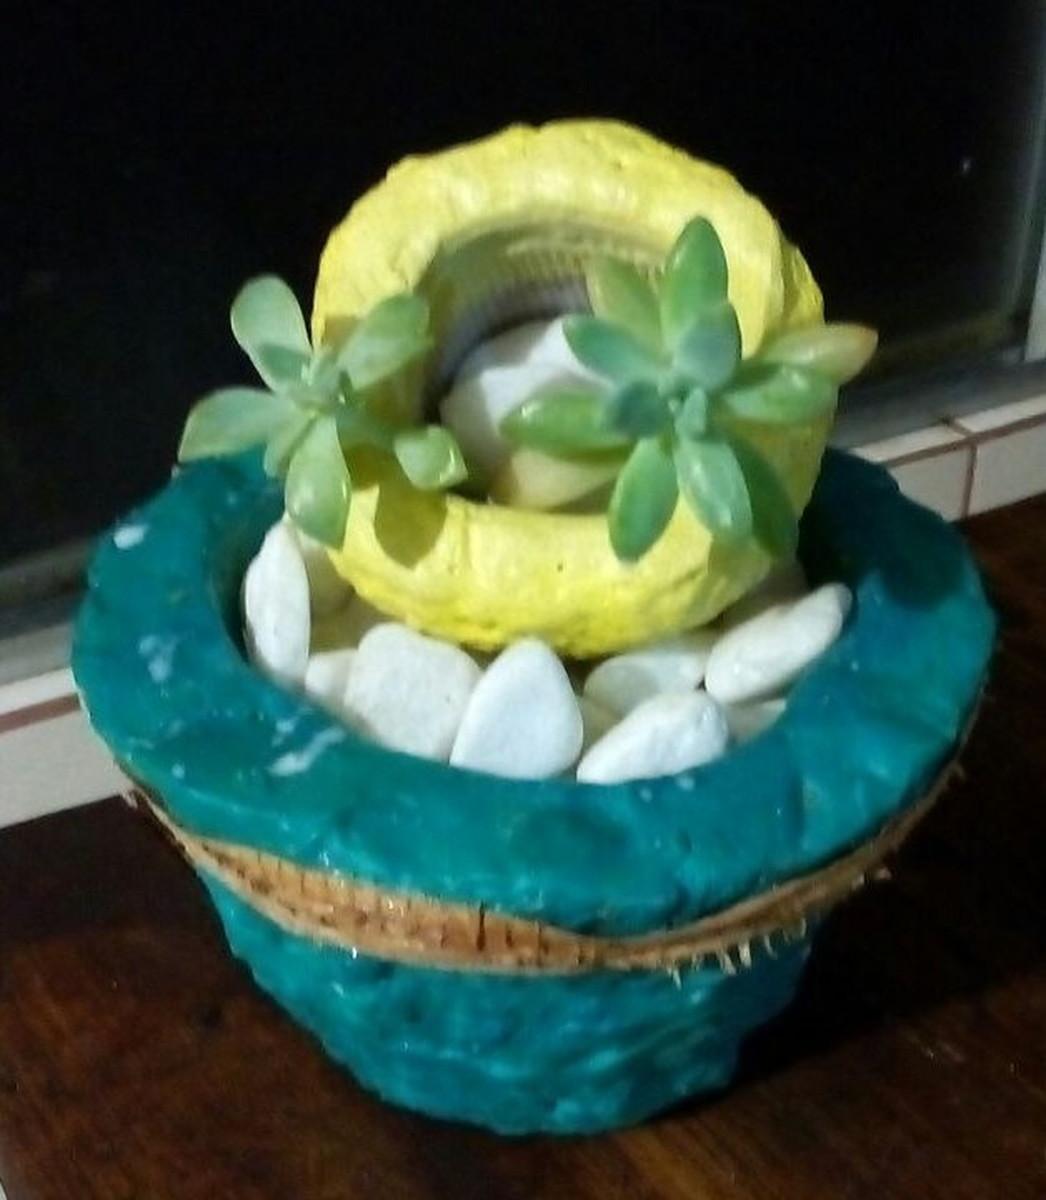 Artesanato Sustentável ~ Vasos De Artesanato Sustentável no Elo7 Rosa de Saron Artesanato Sustentável (AB98F2)